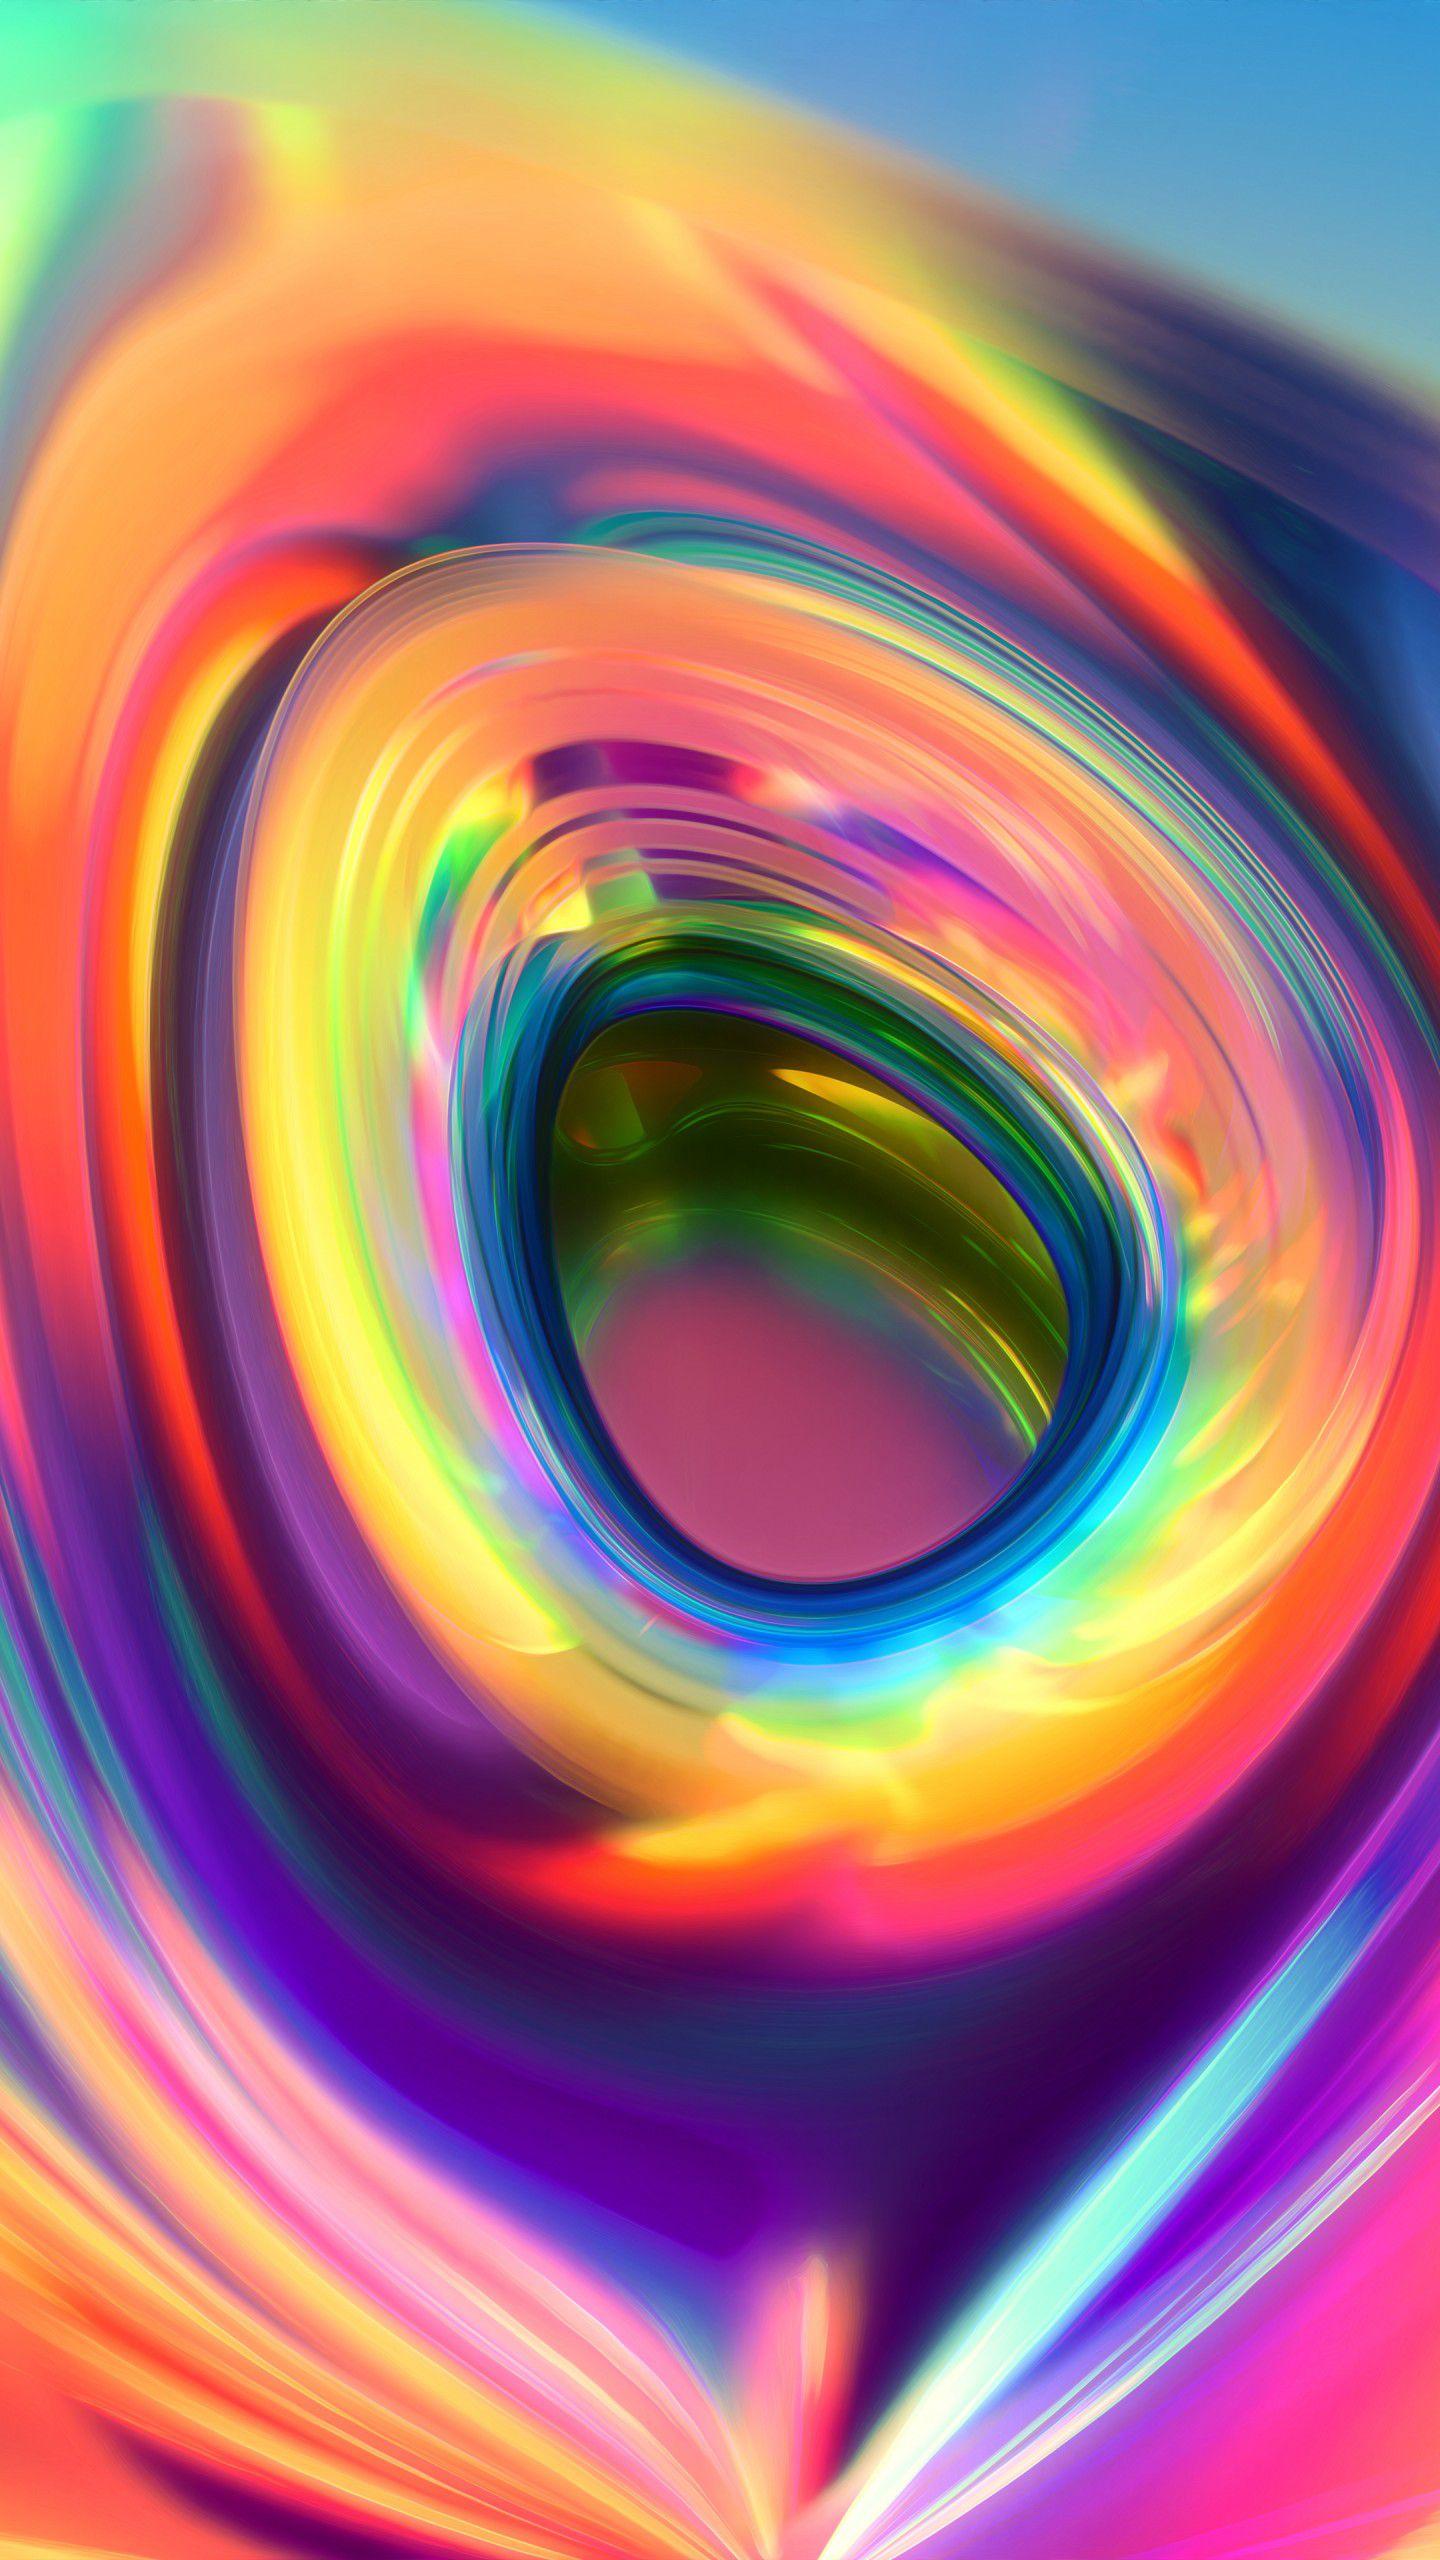 عکس زمینه حلقه چکیده رنگارنگ جالب پس زمینه